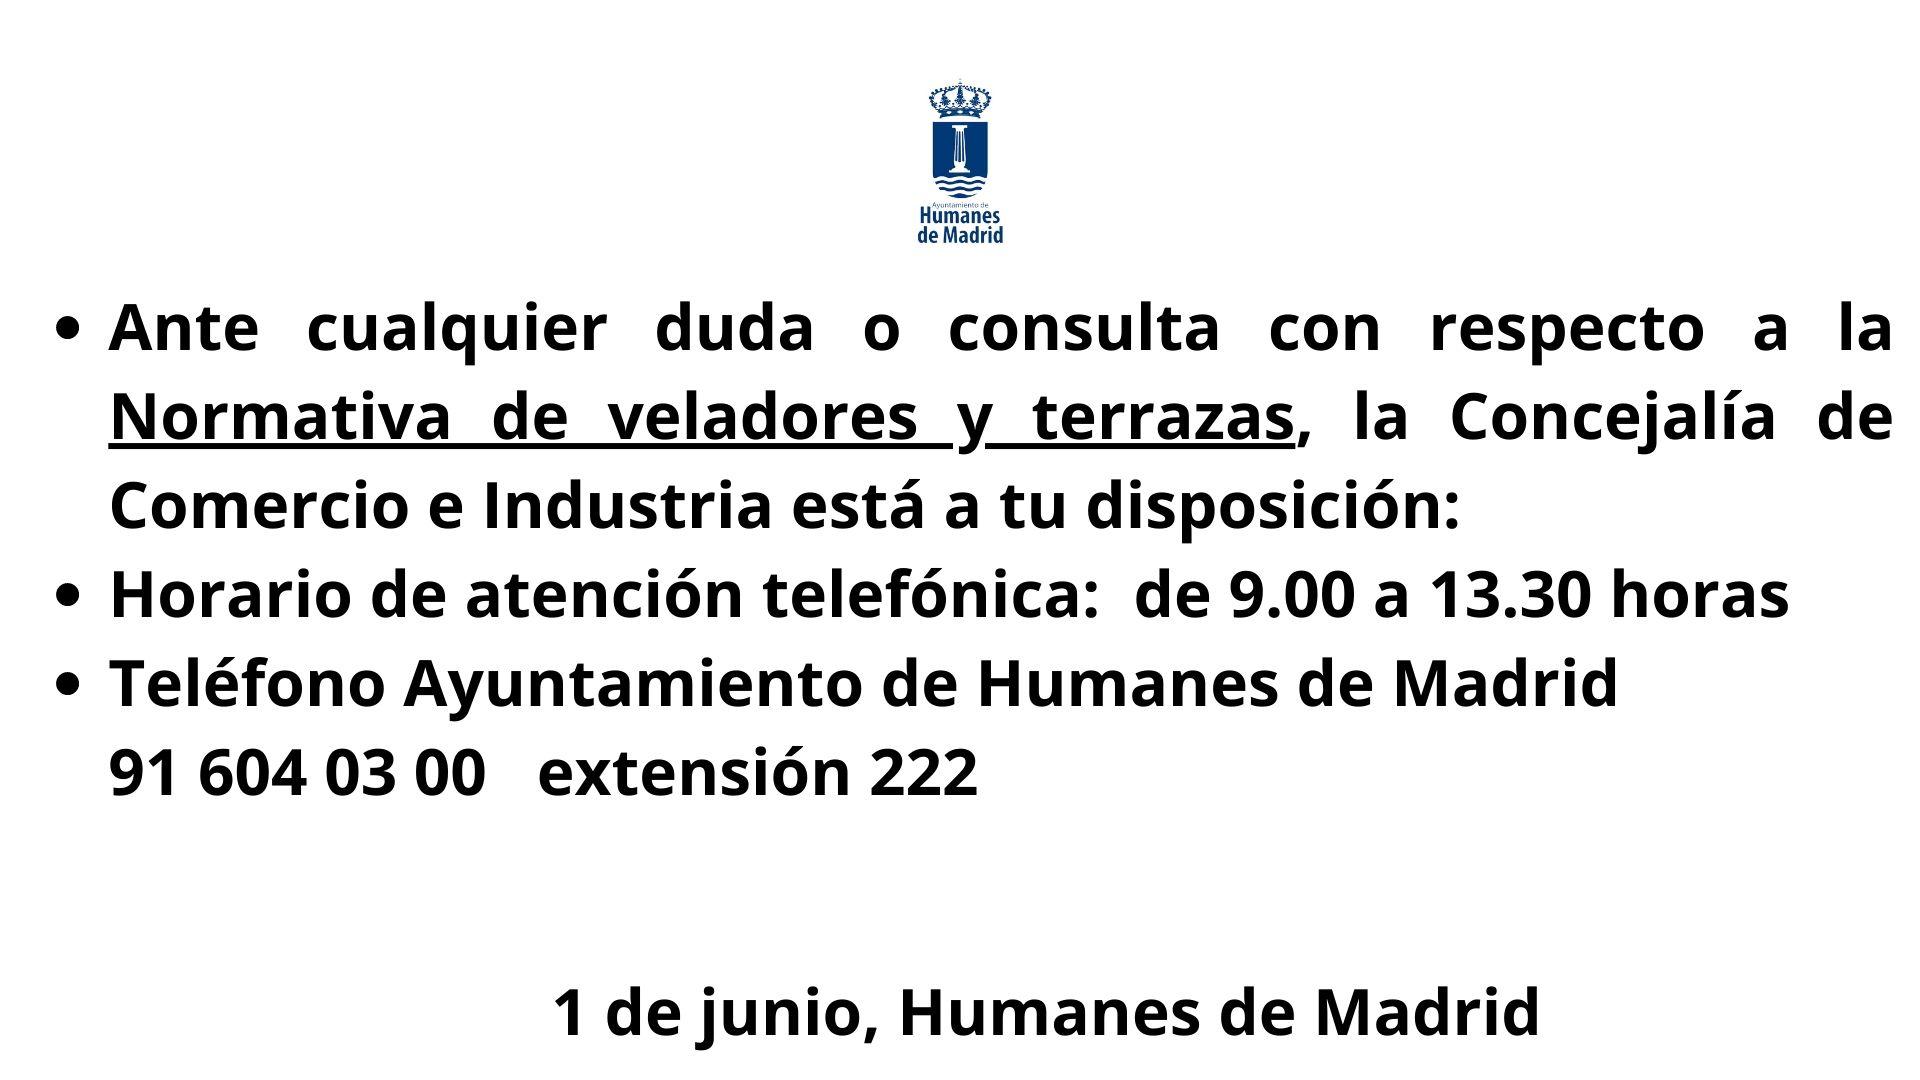 Concejalía de Comercio e Industria.